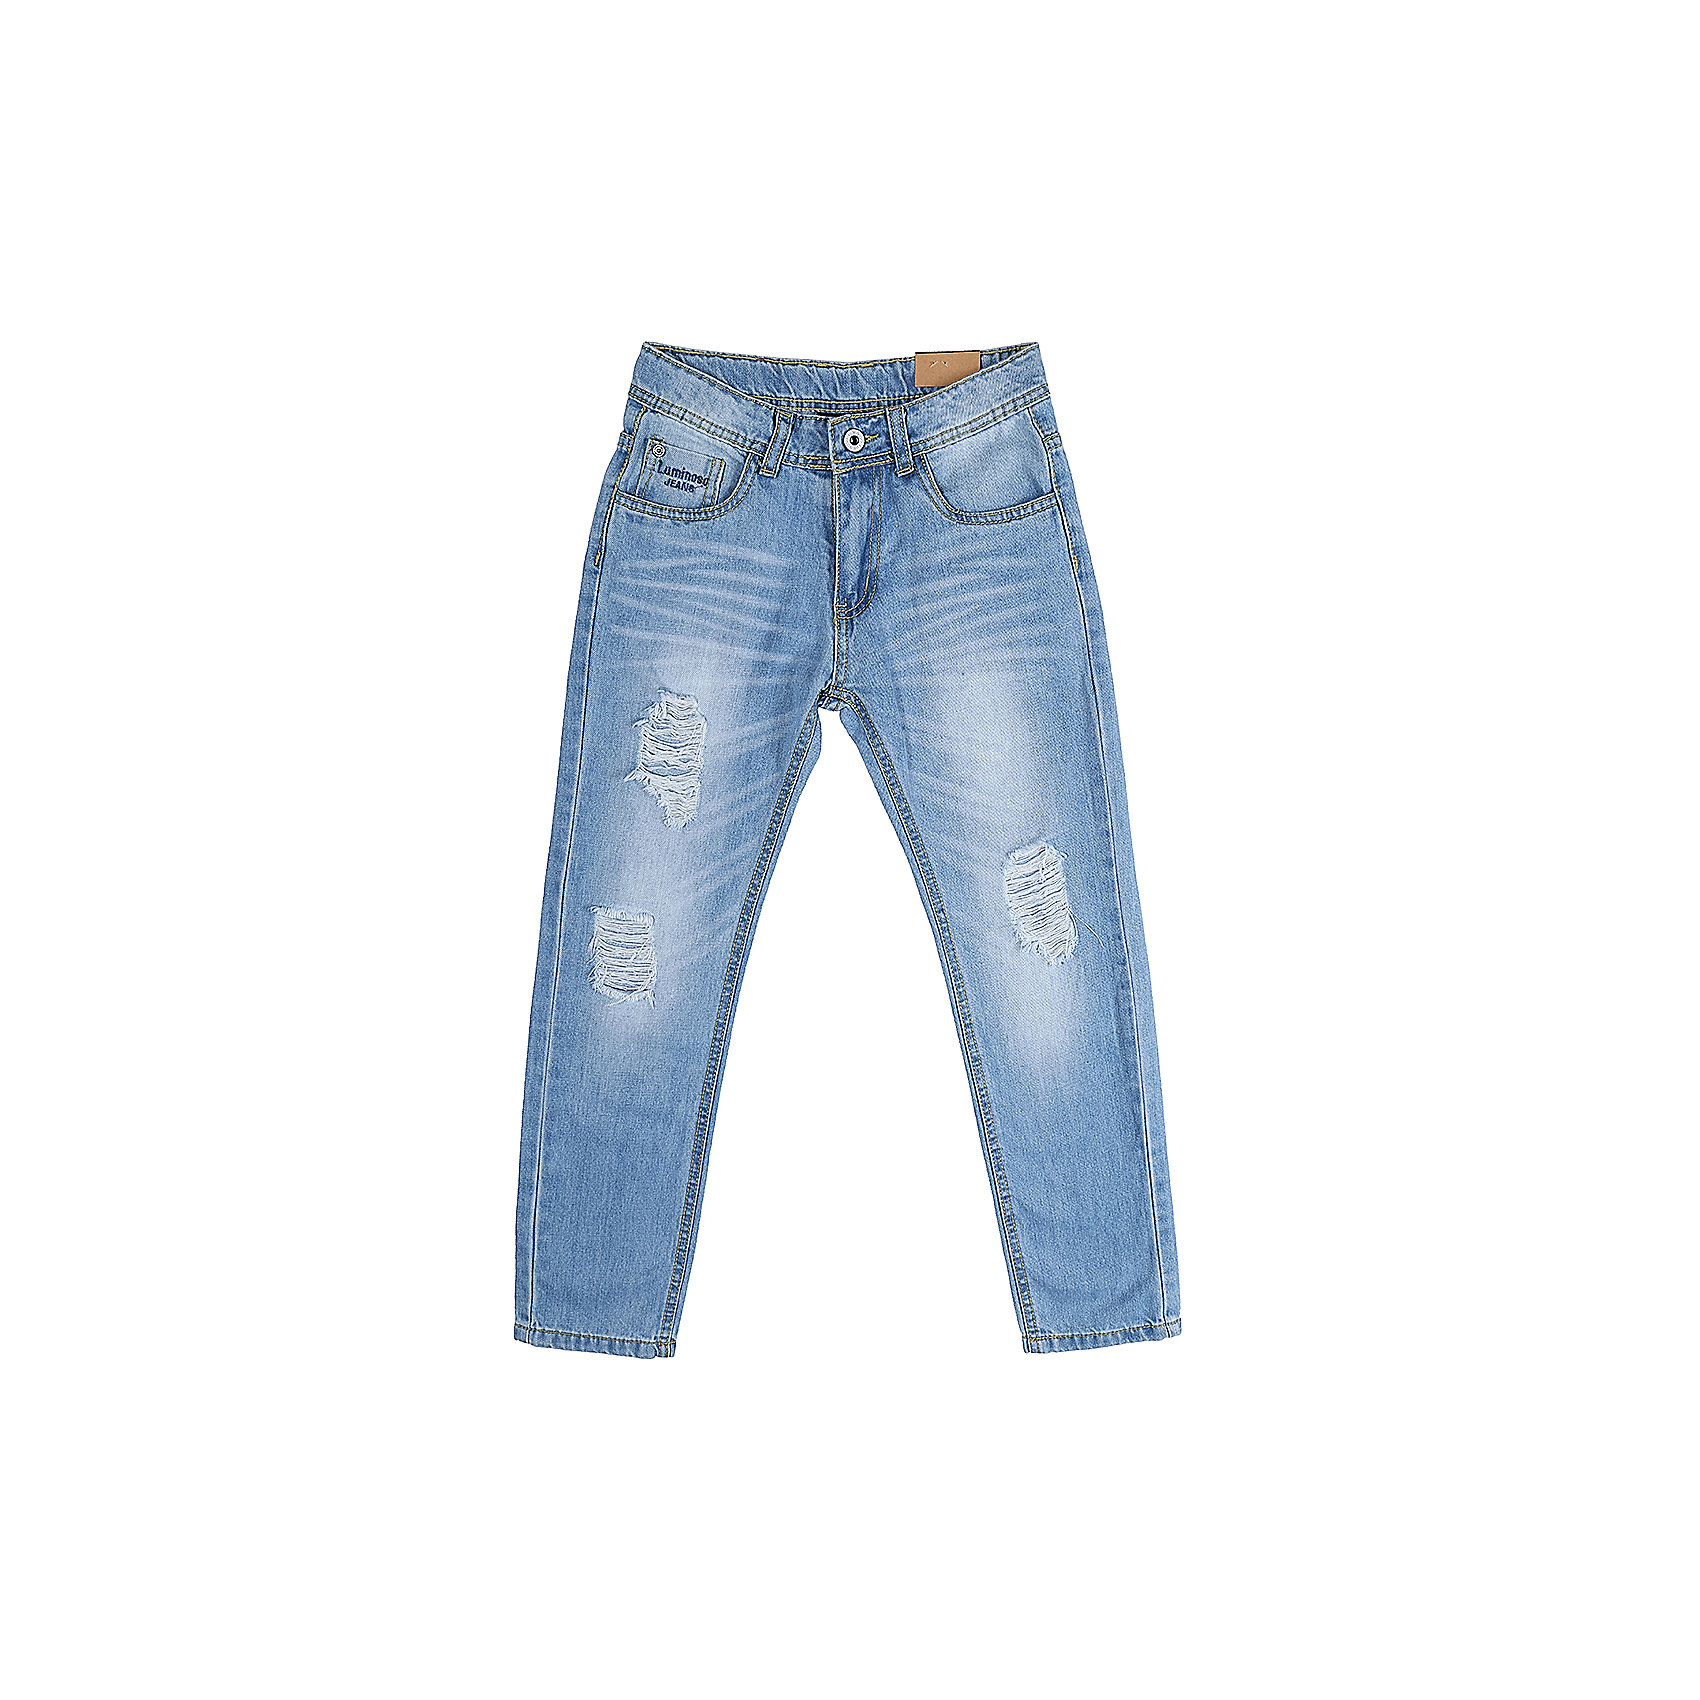 Джинсы для мальчика LuminosoДжинсы  для мальчика с оригинальной варкой. Декорированы  потертости и эффектом рваной джинсы. Зауженный крой, средняя посадка. Застегиваются на молнию и пуговицу. Шлевки на поясе рассчитаны под ремень. В боковой части пояса находятся вшитые эластичные ленты, регулирующие посадку по талии.<br>Состав:<br>100%хлопок<br><br>Ширина мм: 215<br>Глубина мм: 88<br>Высота мм: 191<br>Вес г: 336<br>Цвет: синий<br>Возраст от месяцев: 120<br>Возраст до месяцев: 132<br>Пол: Мужской<br>Возраст: Детский<br>Размер: 146,134,152,140,158,164<br>SKU: 5409678